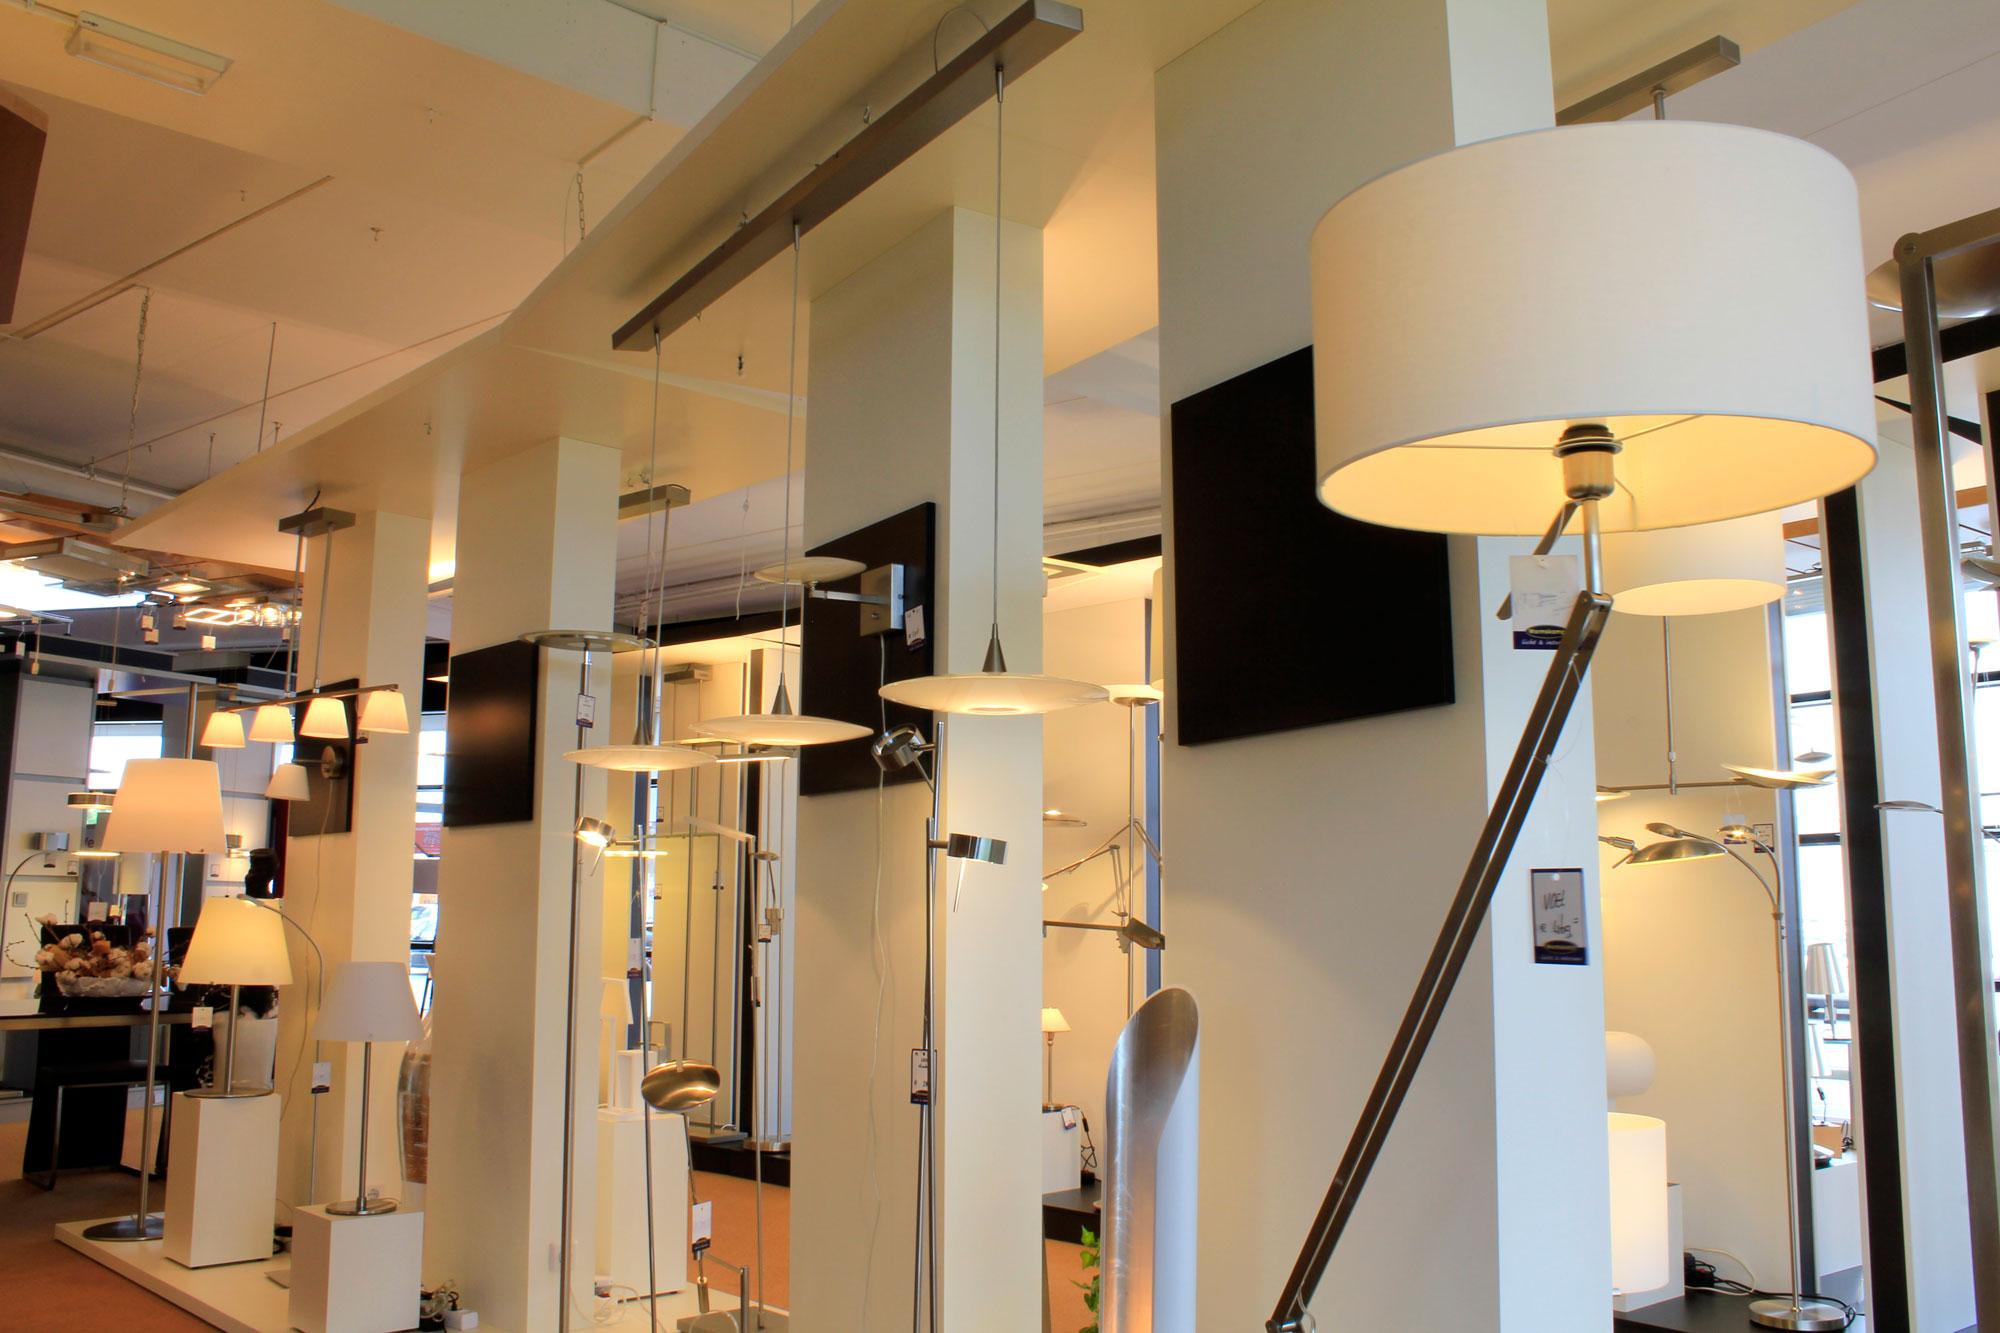 Over ons wormskamp licht interieur doetinchem for Licht interieur